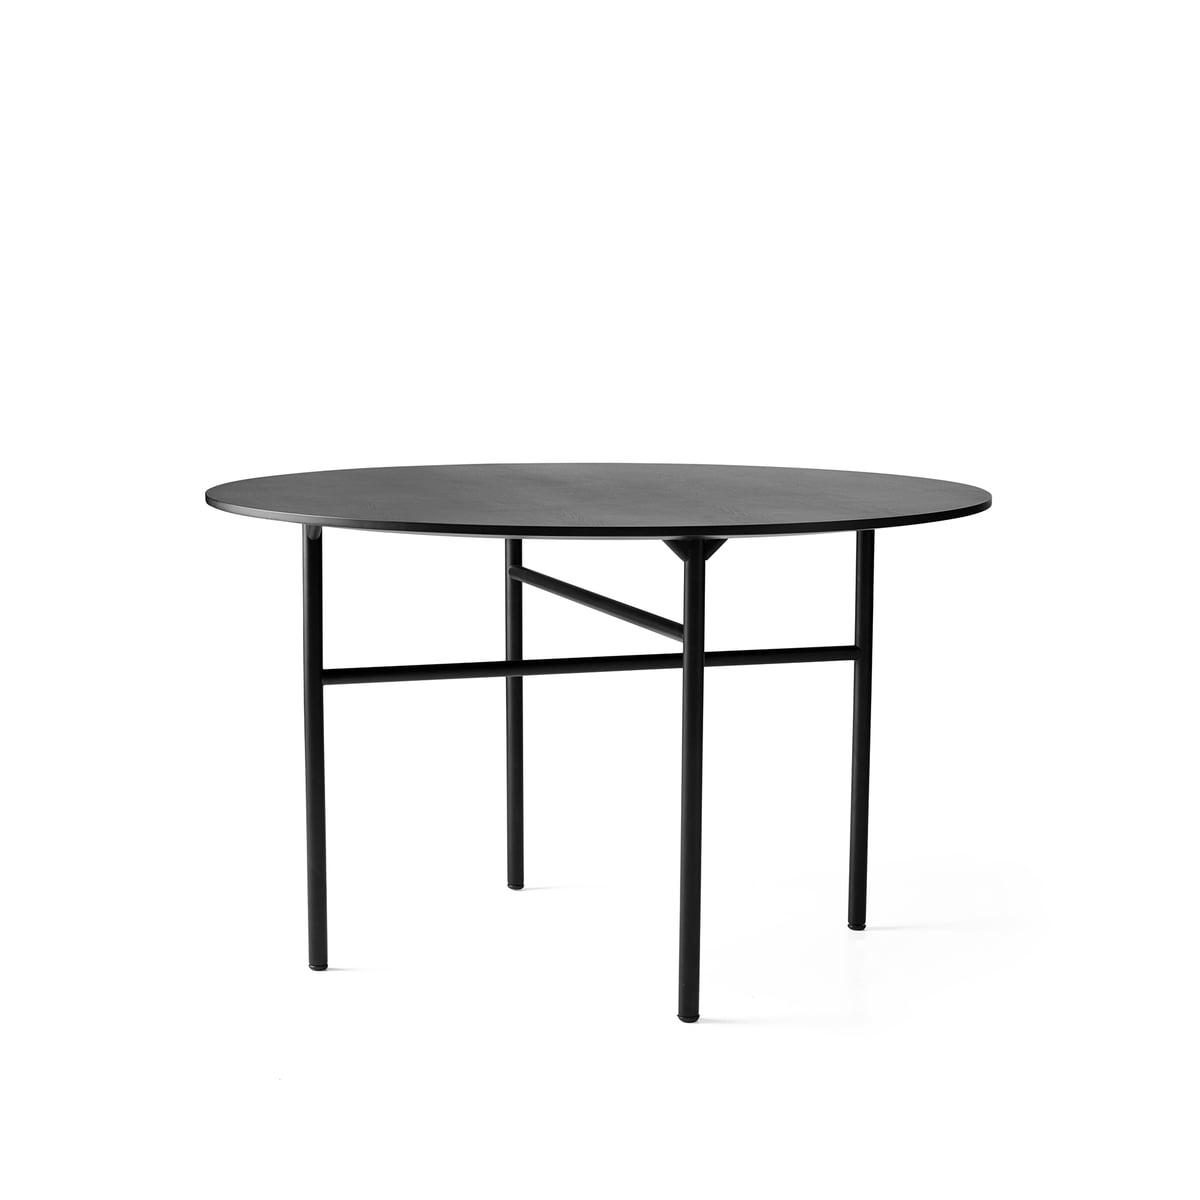 Menu snaregade table rund 120 cm schwarz funiert